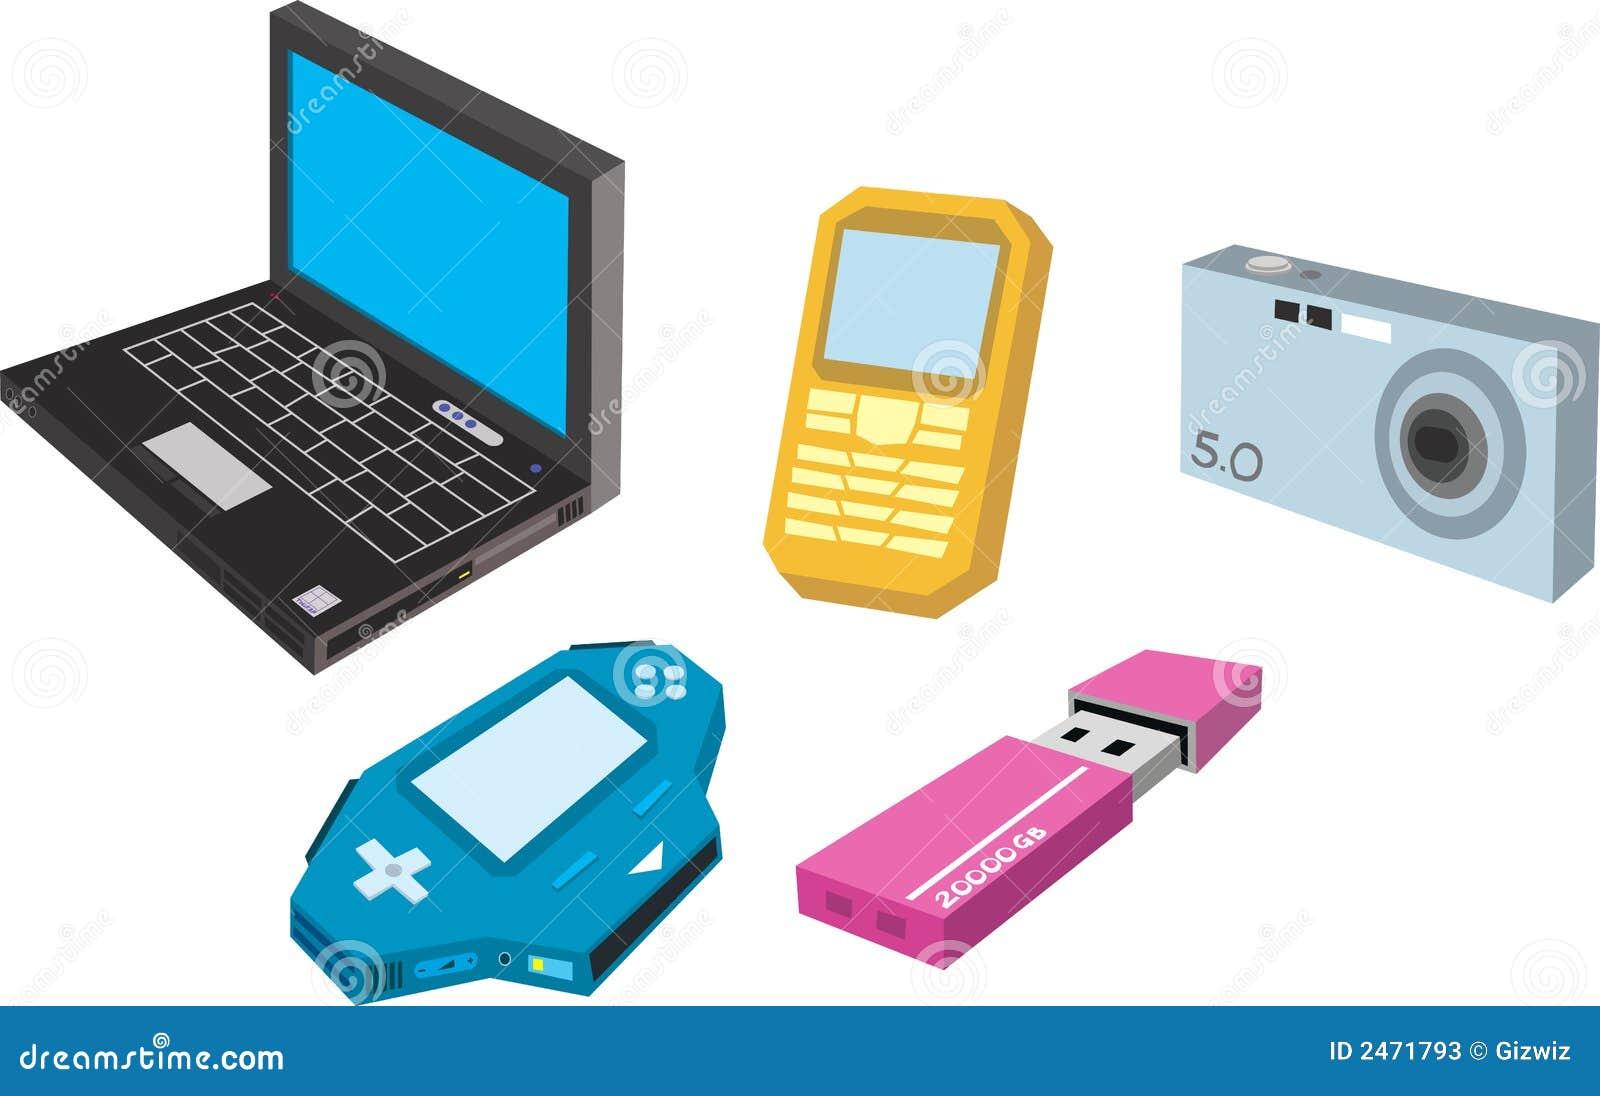 electronic gadget stock photos image 2471793